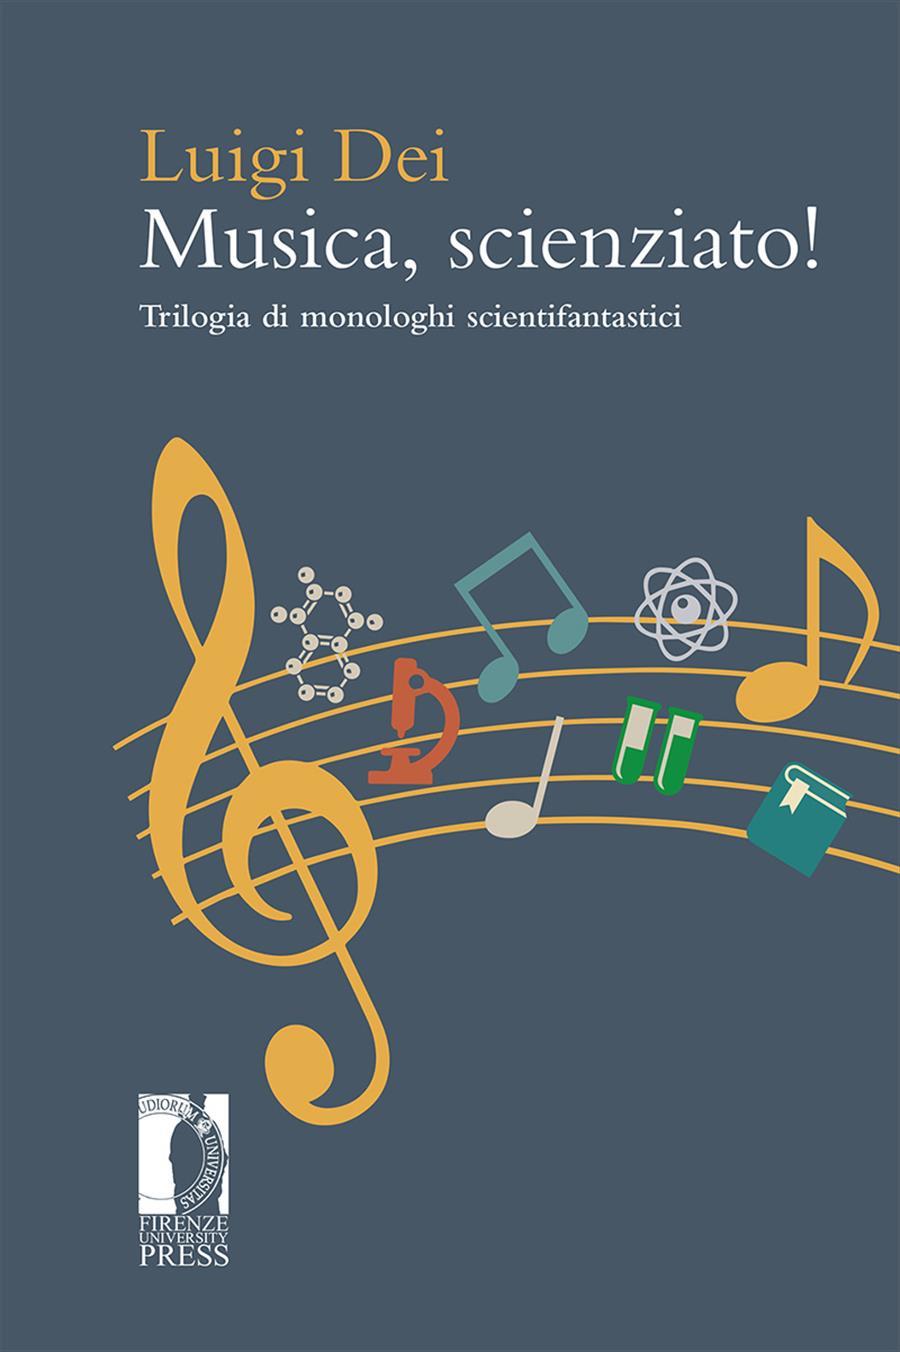 Musica, scienziato!